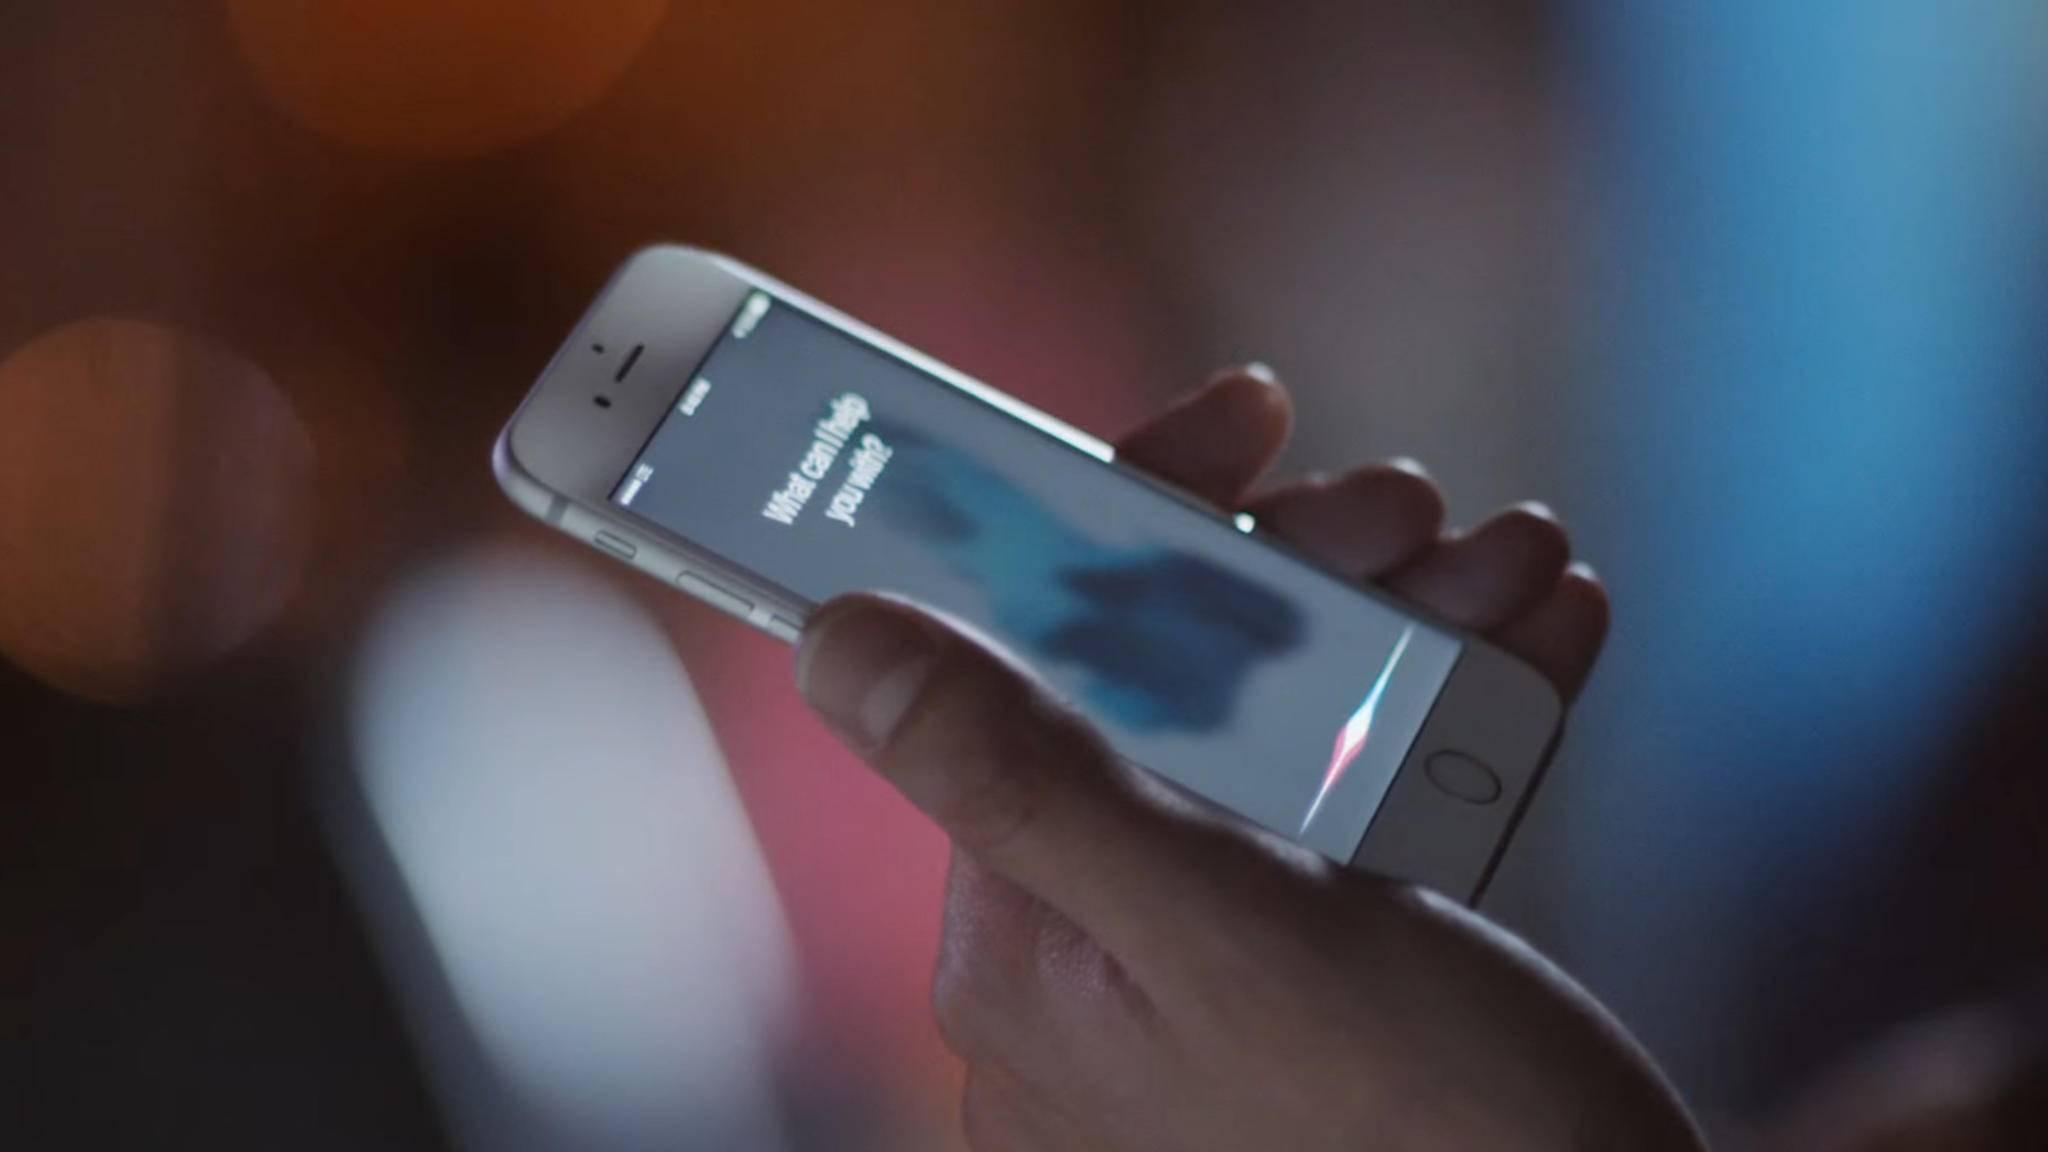 Apples Siri-Spracherkennung beweist zuweilen Humor.